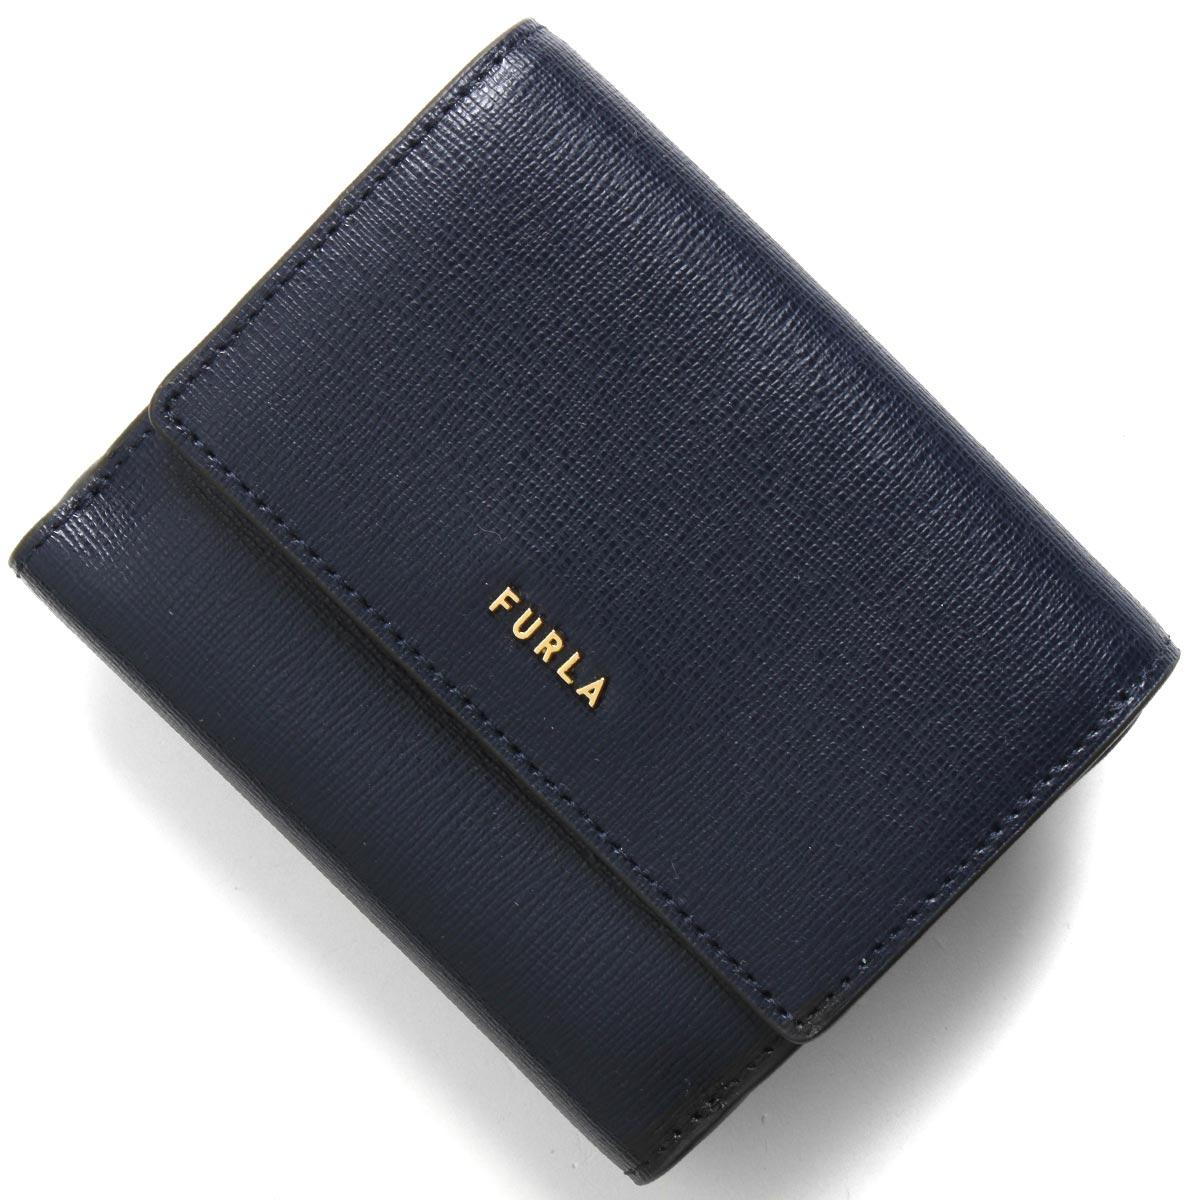 フルラ 二つ折り財布 財布 レディース バビロン スモール オセアノネイビー PCY8 B30 07A 1056973 FURLA